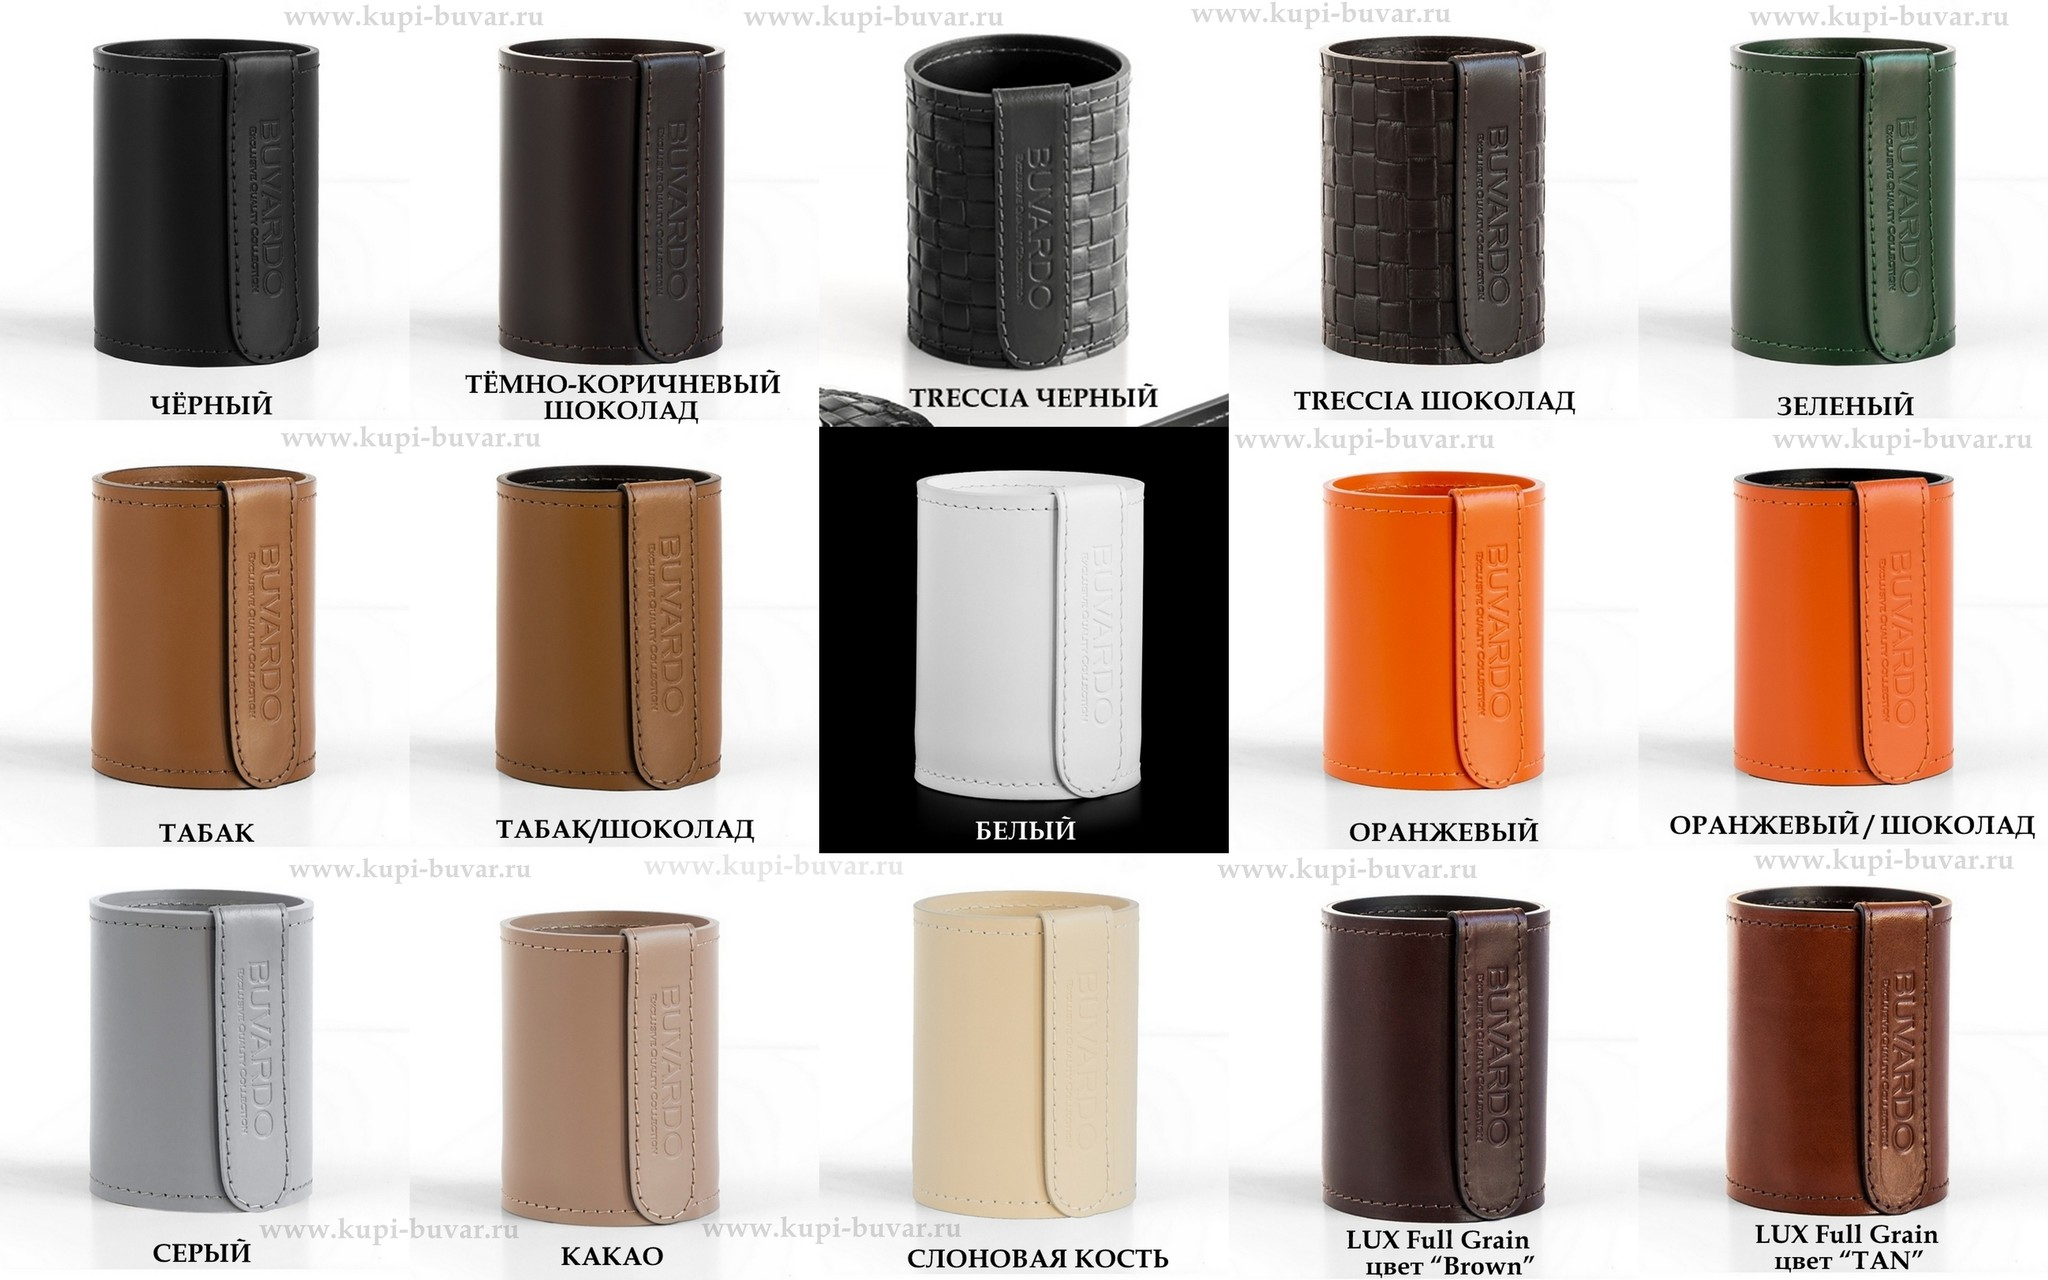 Варианты цвета кожи Cuoietto для набора 1803-СТ 10 предметов.